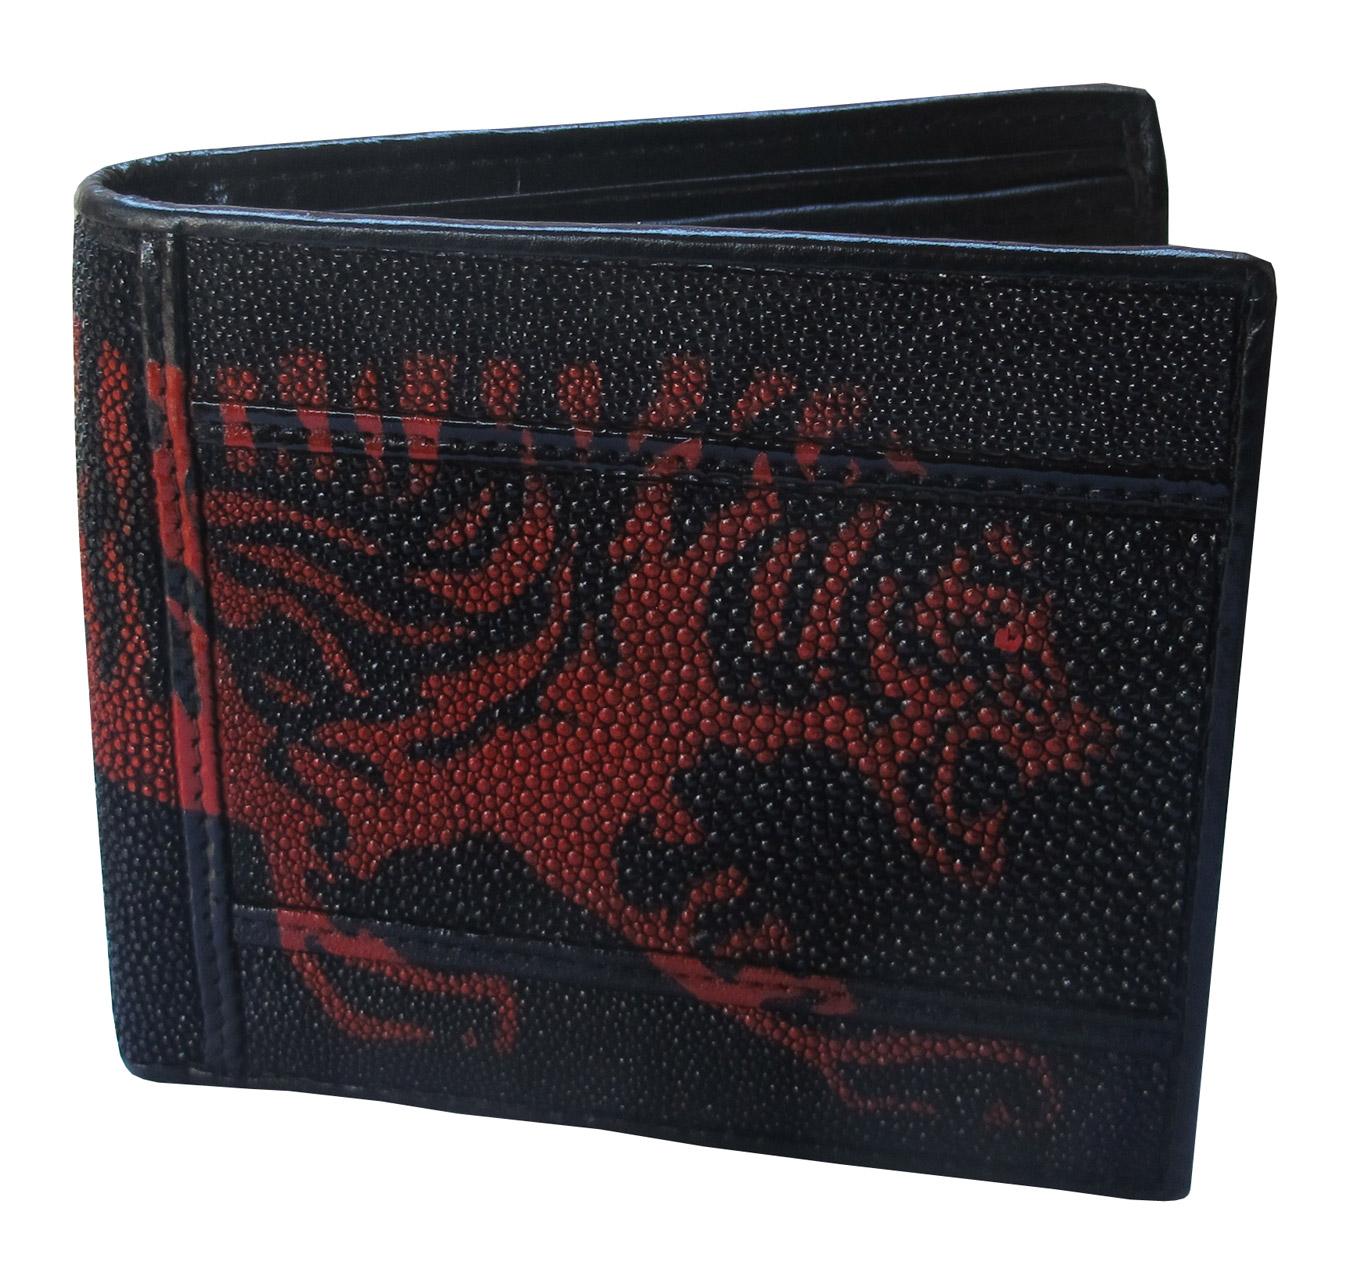 กระเป๋าสตางค์ปลากระเบน ลายเสือแดง